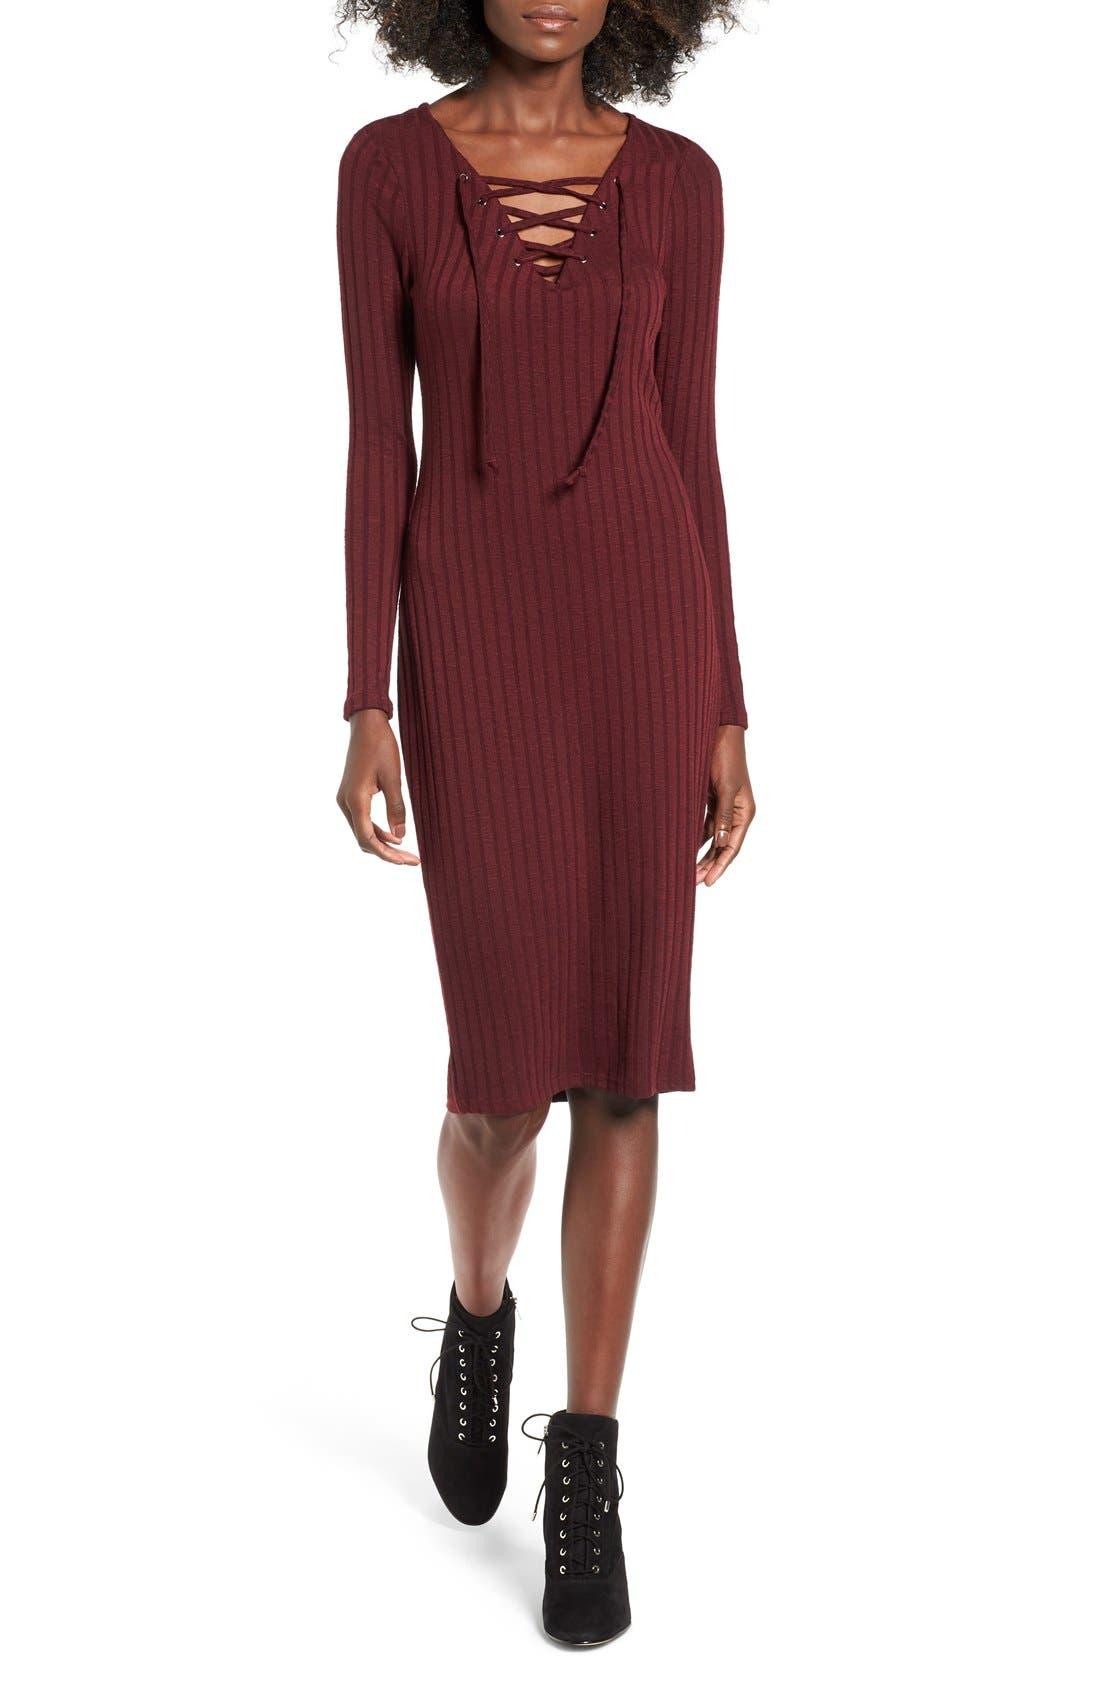 Main Image - Love, Fire Lace-Up Rib Knit Dress